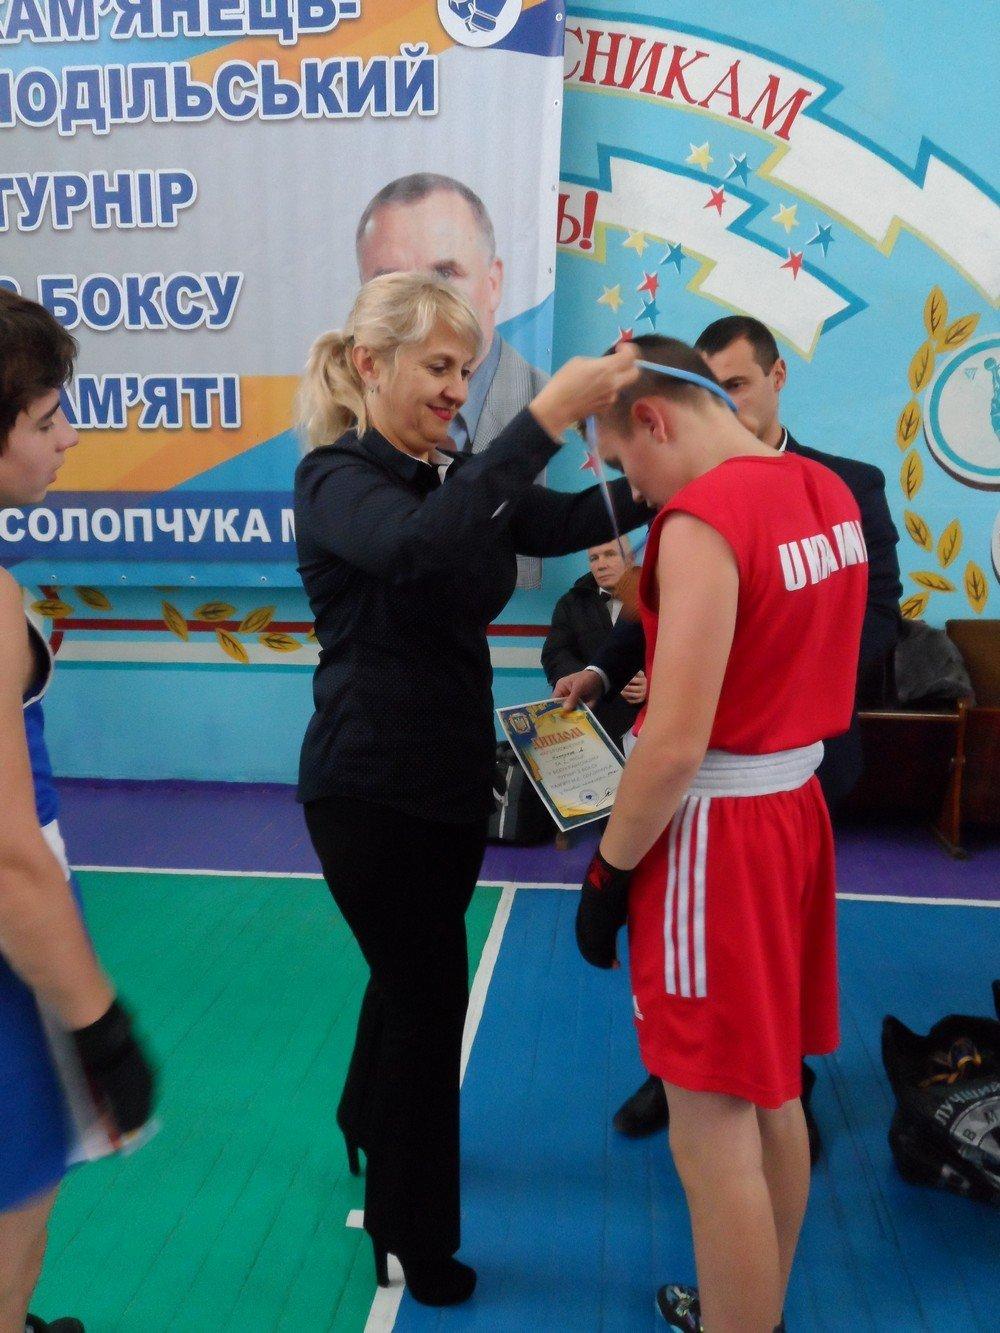 II Всеукраїнський турнір з боксу пам'яті М.С. Солопчука відбувся у Кам'янці-Подільському, фото-1